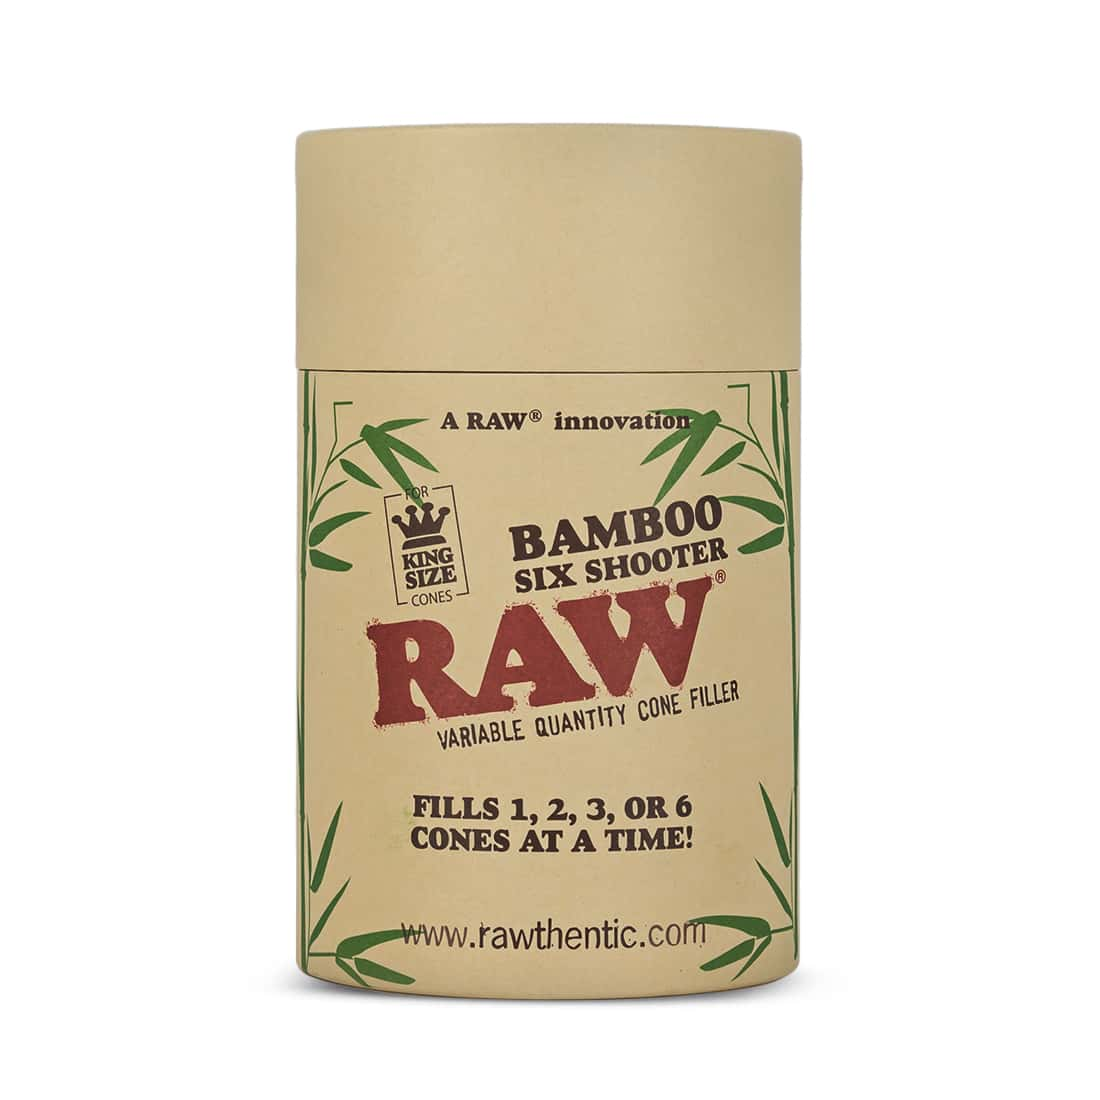 Photo #3 de Shooter Raw 6 Cones KS version Bamboo